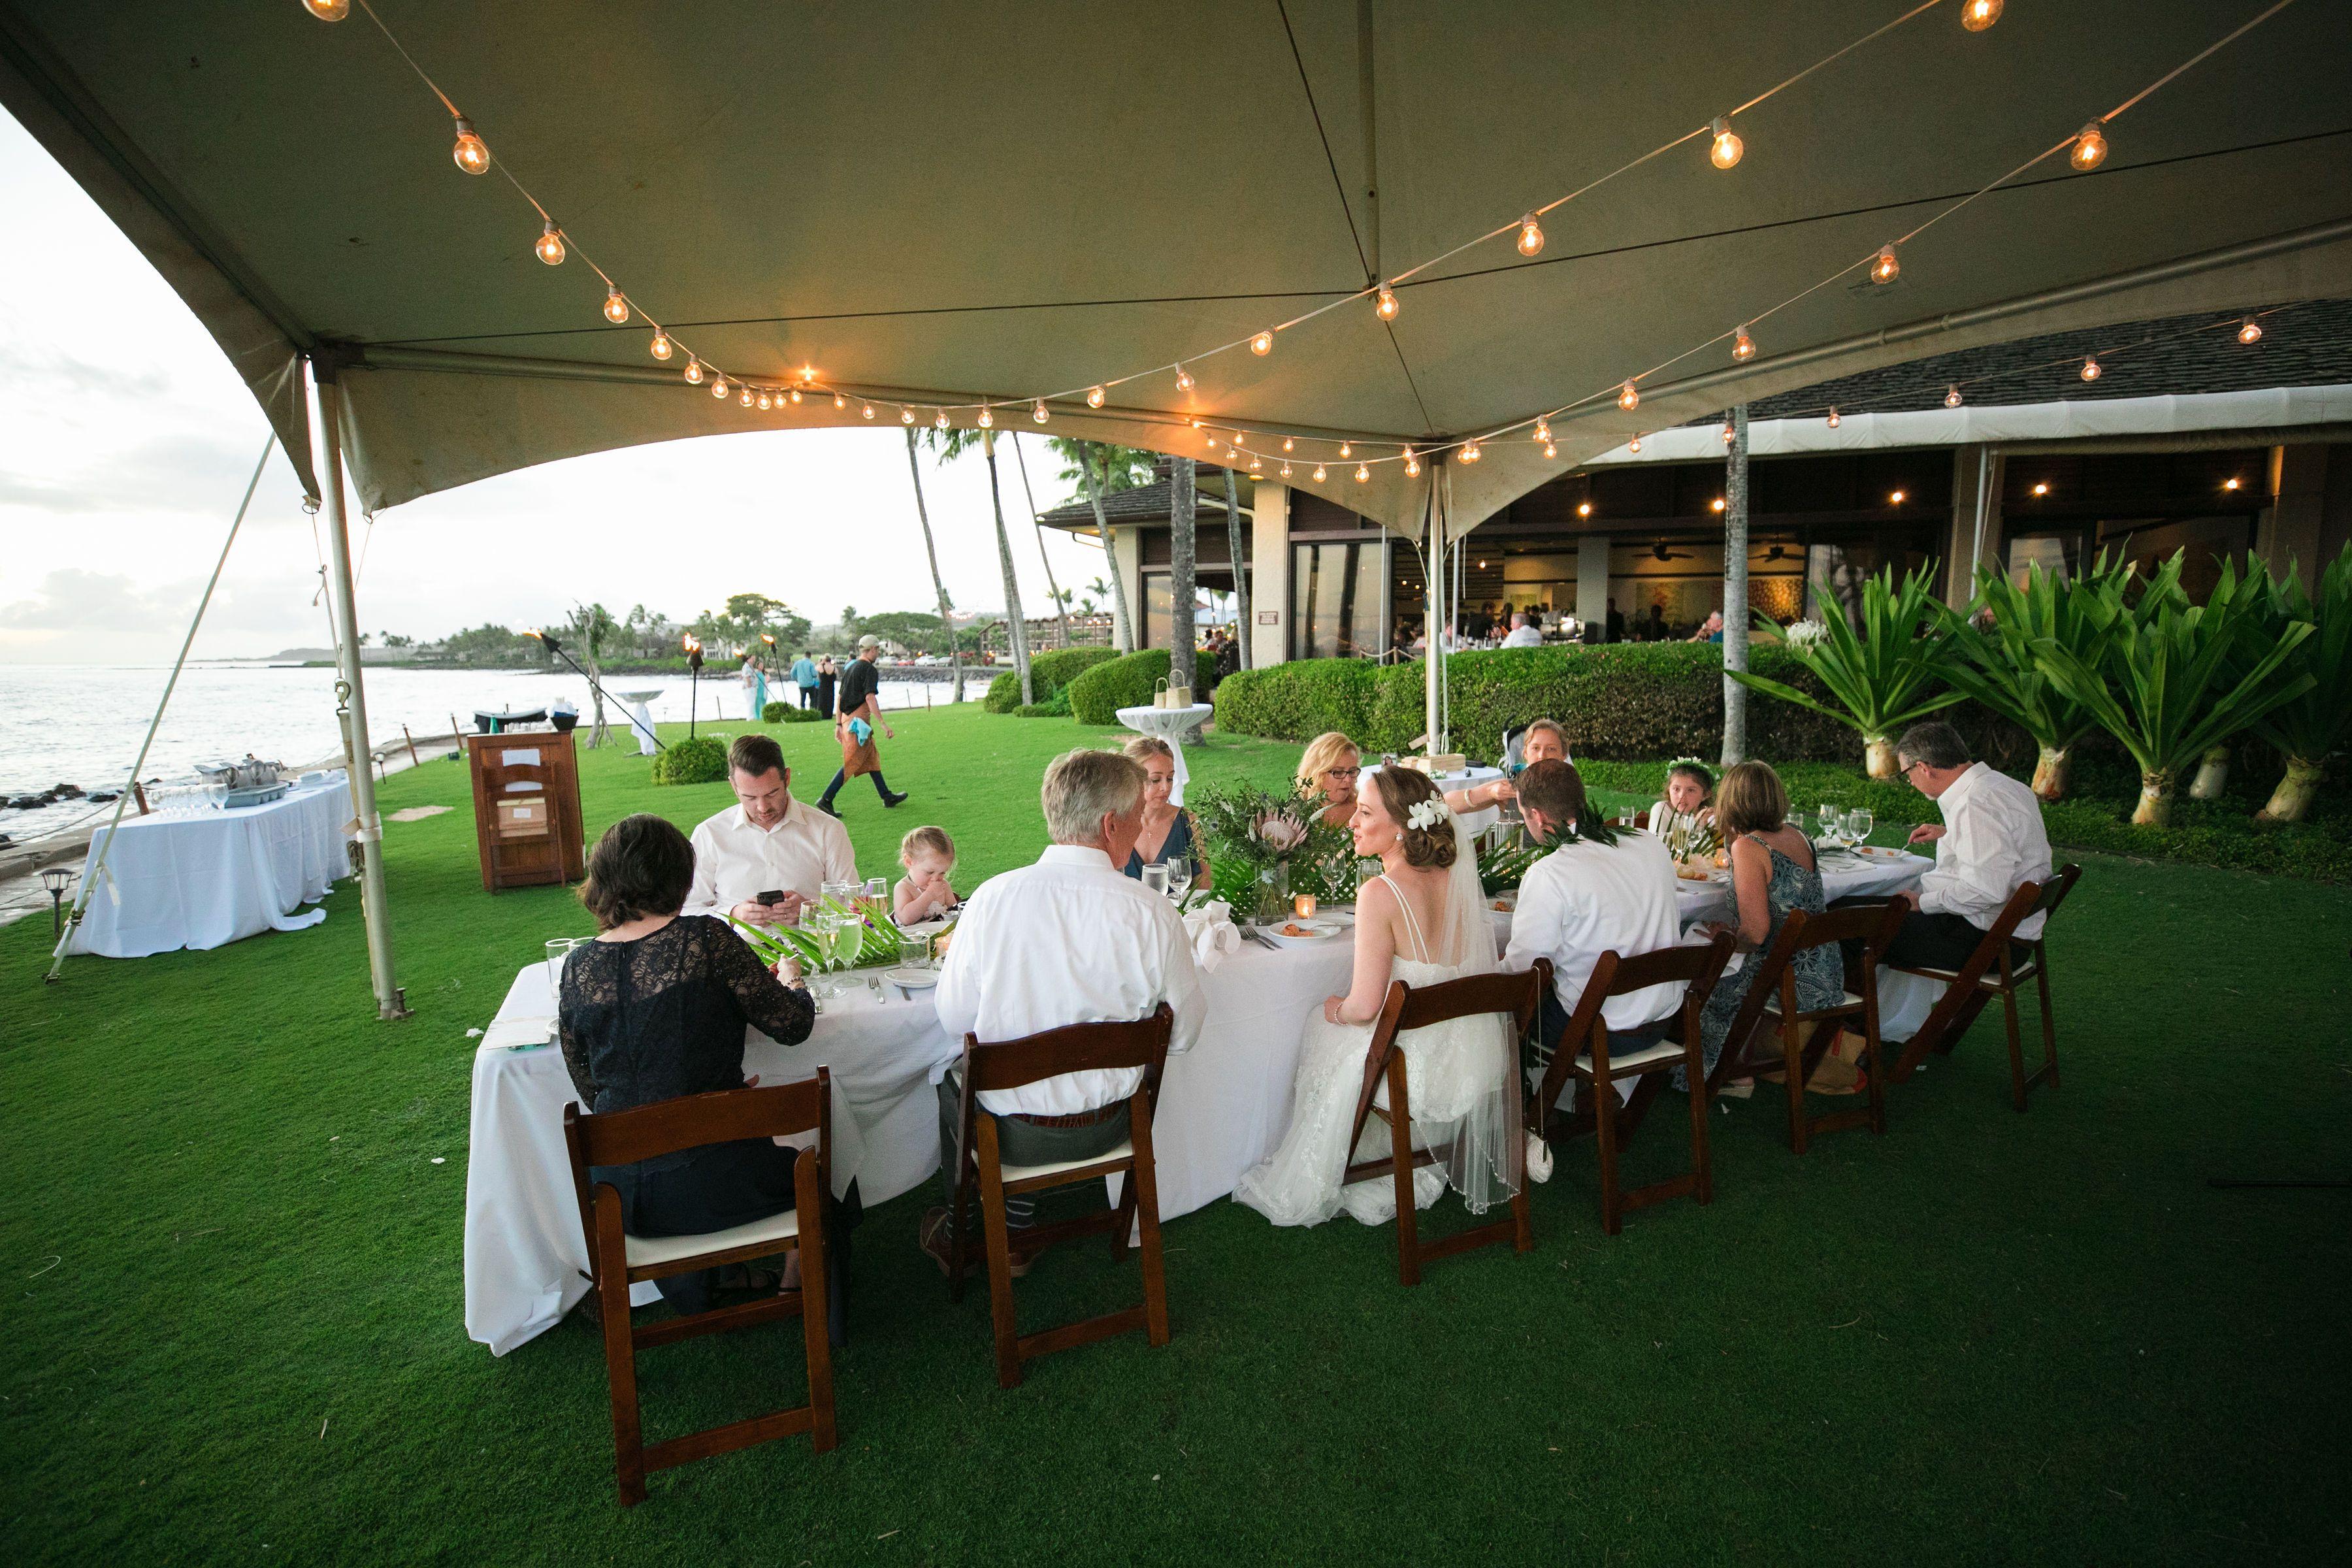 Wedding Reception At The Beach House Kauai Beach House Kauai Beach House Restaurant Oceanfront Wedding